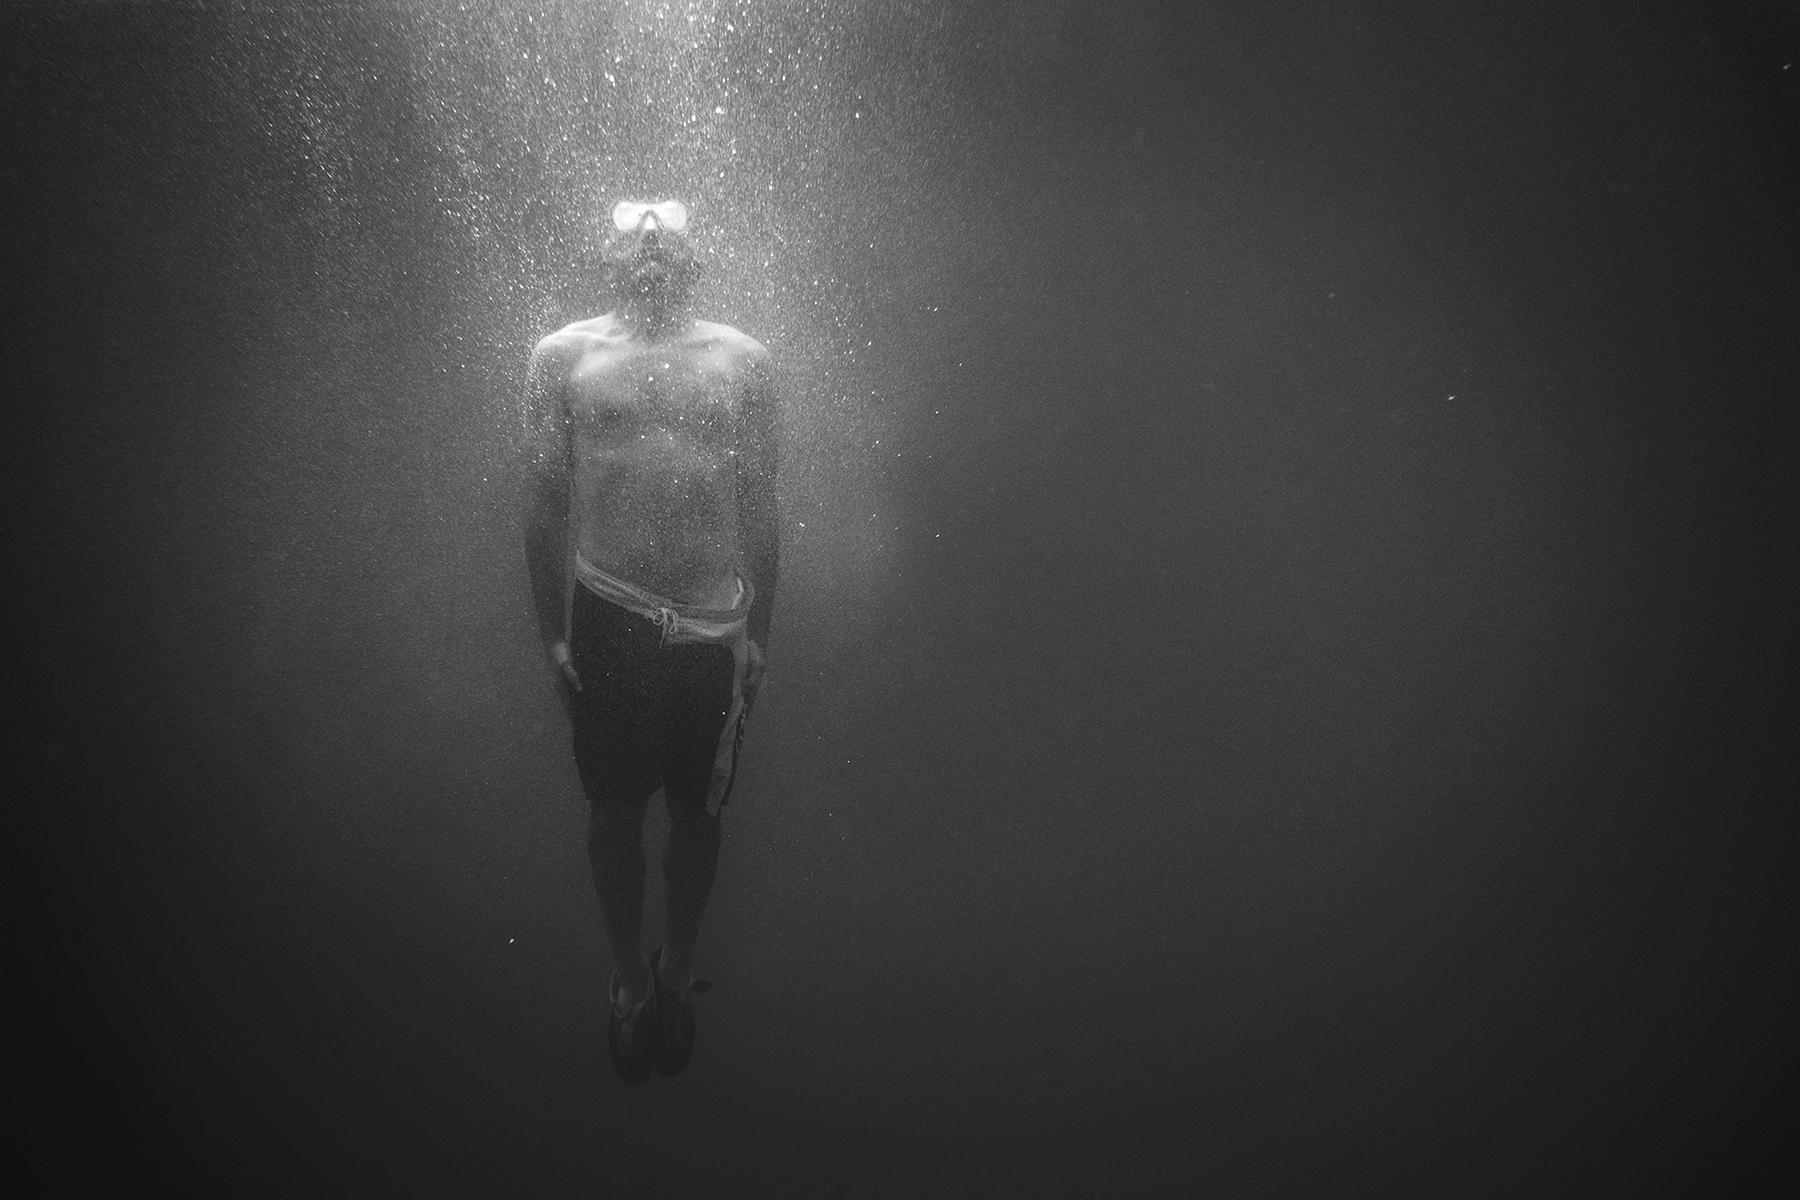 Water_06.jpg